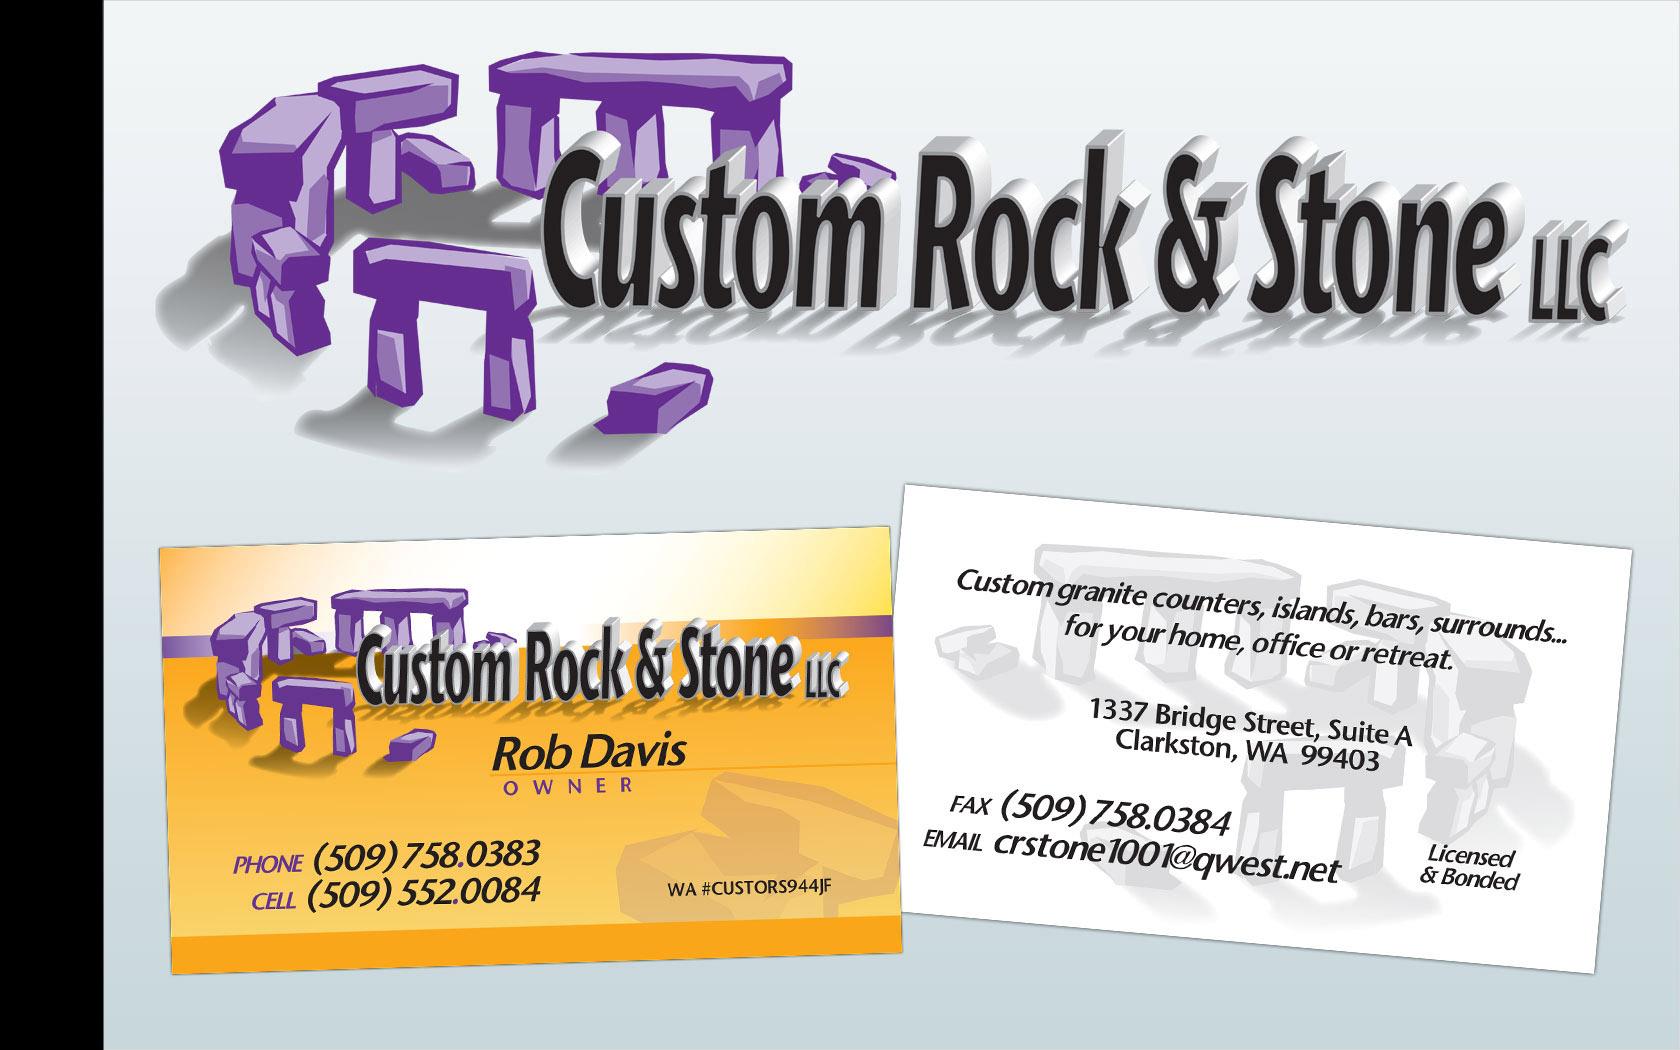 CustomRock_1680x1050.jpg